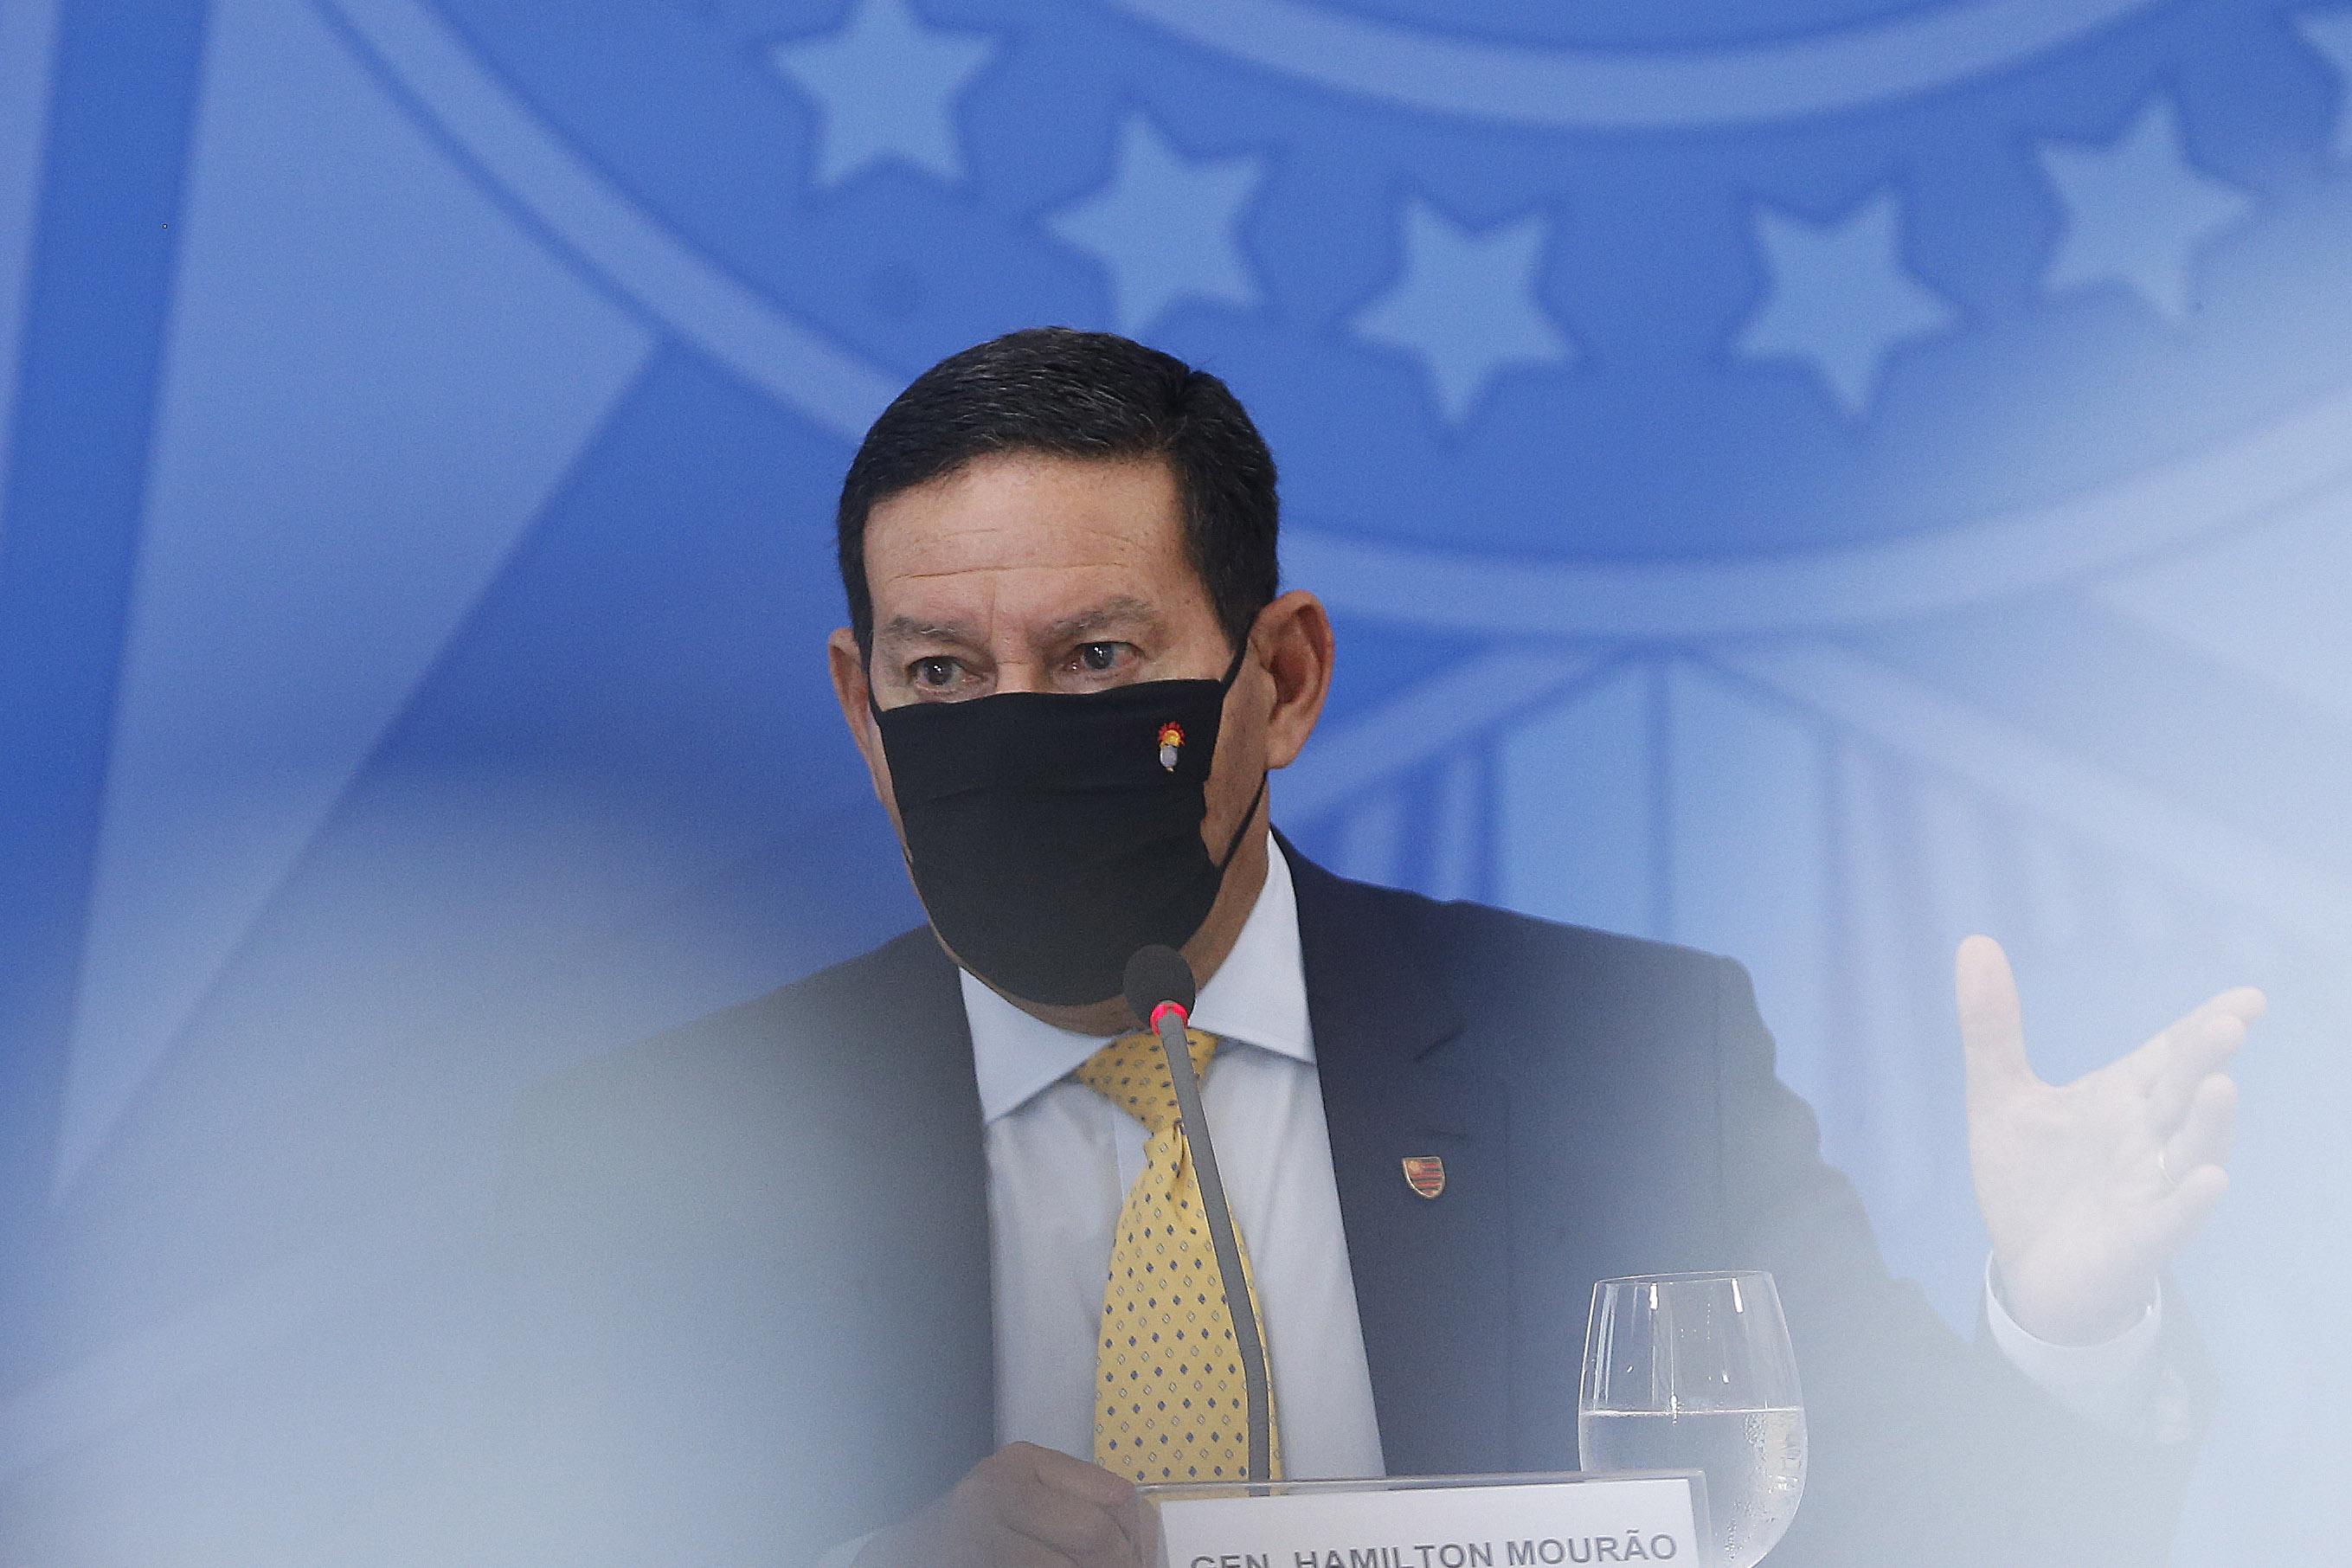 IMAGEM: 'Nós não somos uma república de bananas', diz Mourão após ameaça de Braga Netto